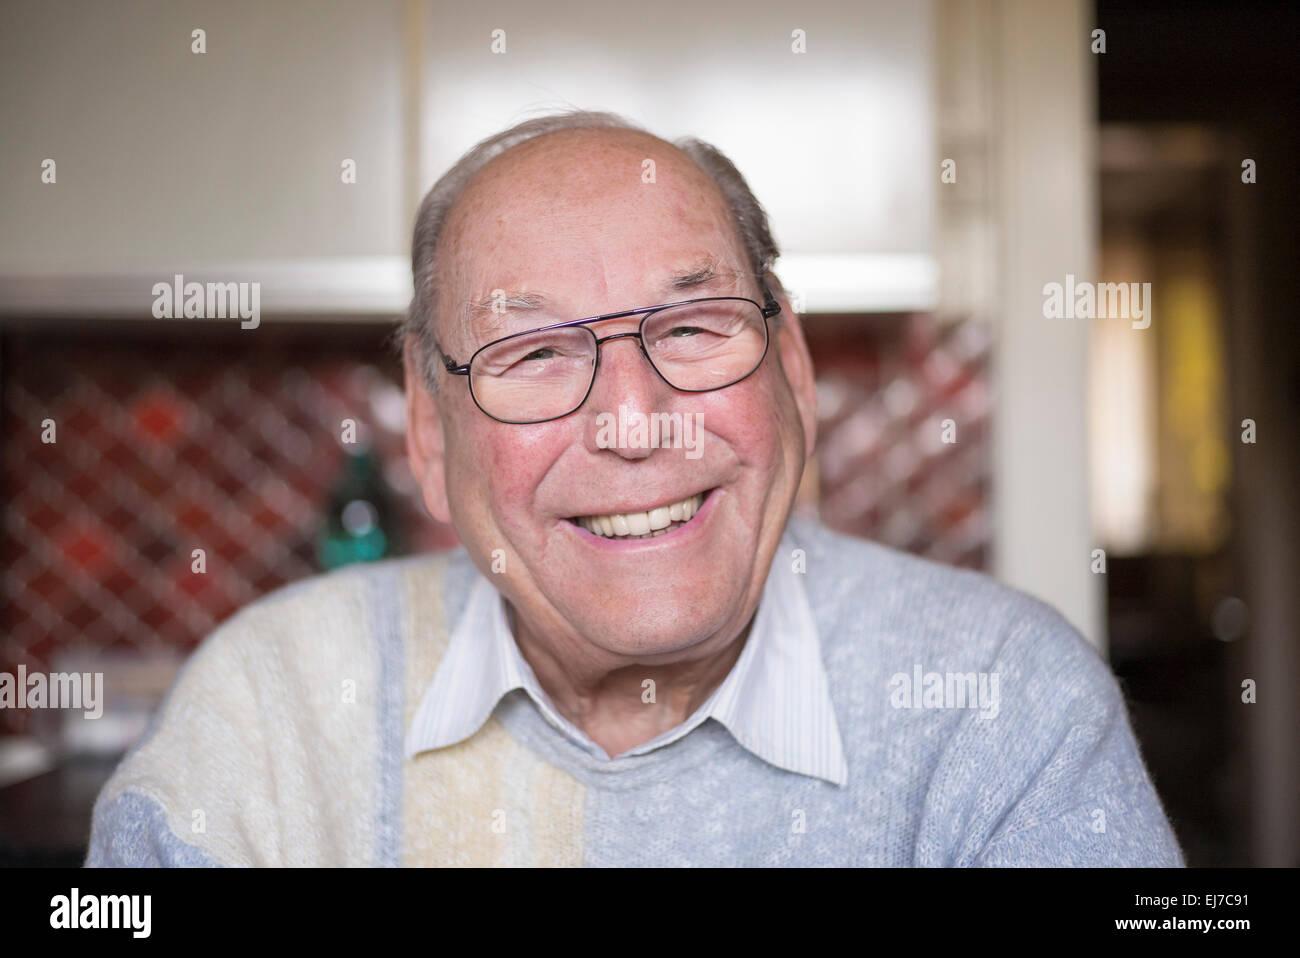 80s sonriente anciano retrato Imagen De Stock